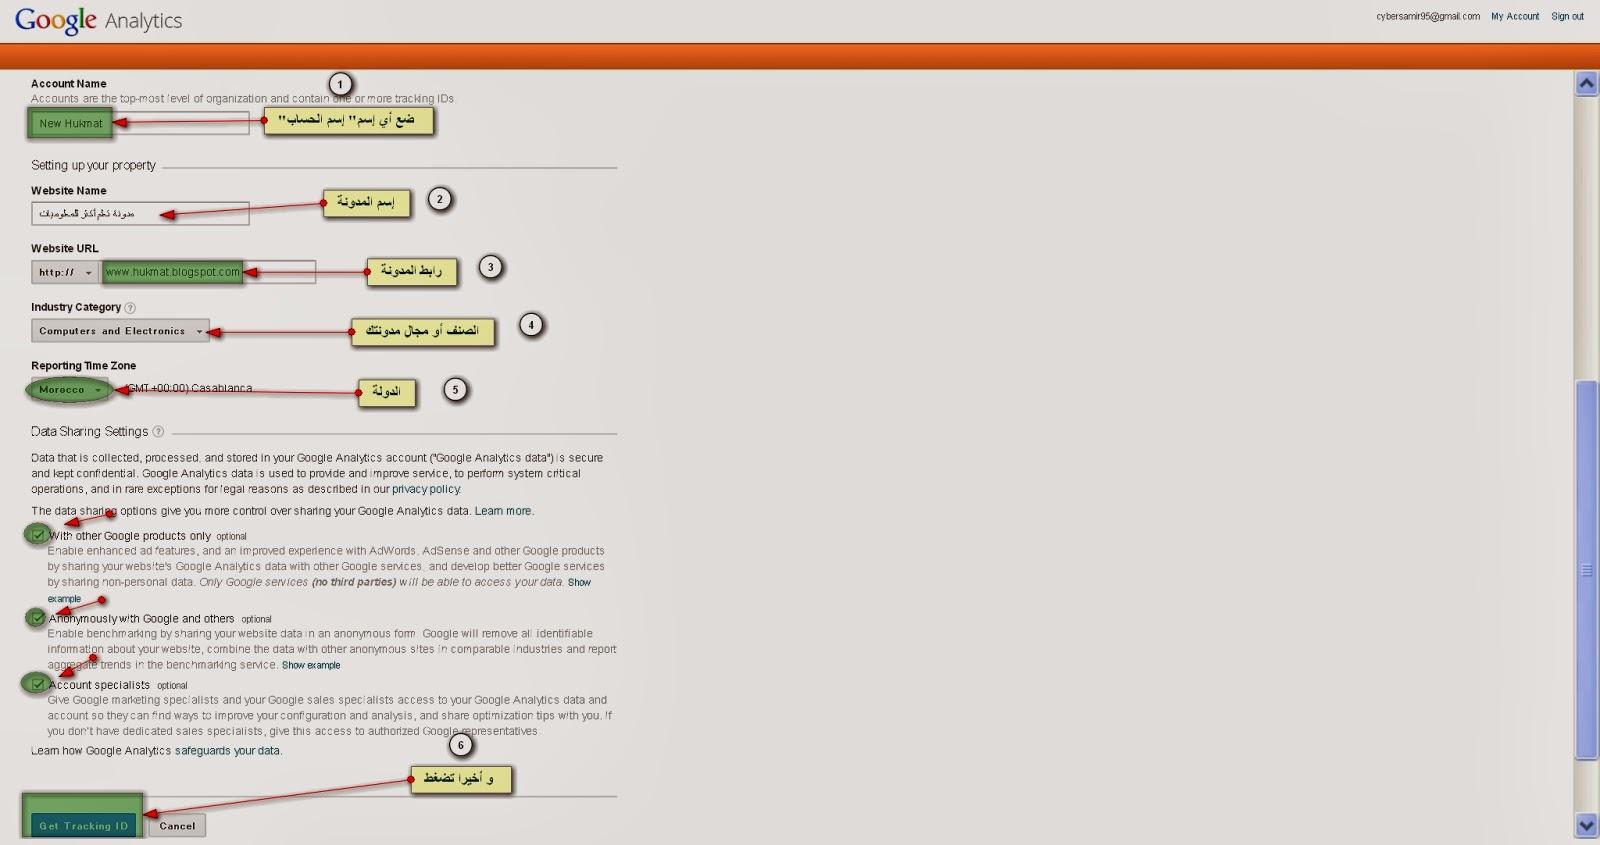 شرح لكيفية تركيب Google Analytics على مدونات البلوجر و الووردبريس Google+analytic3